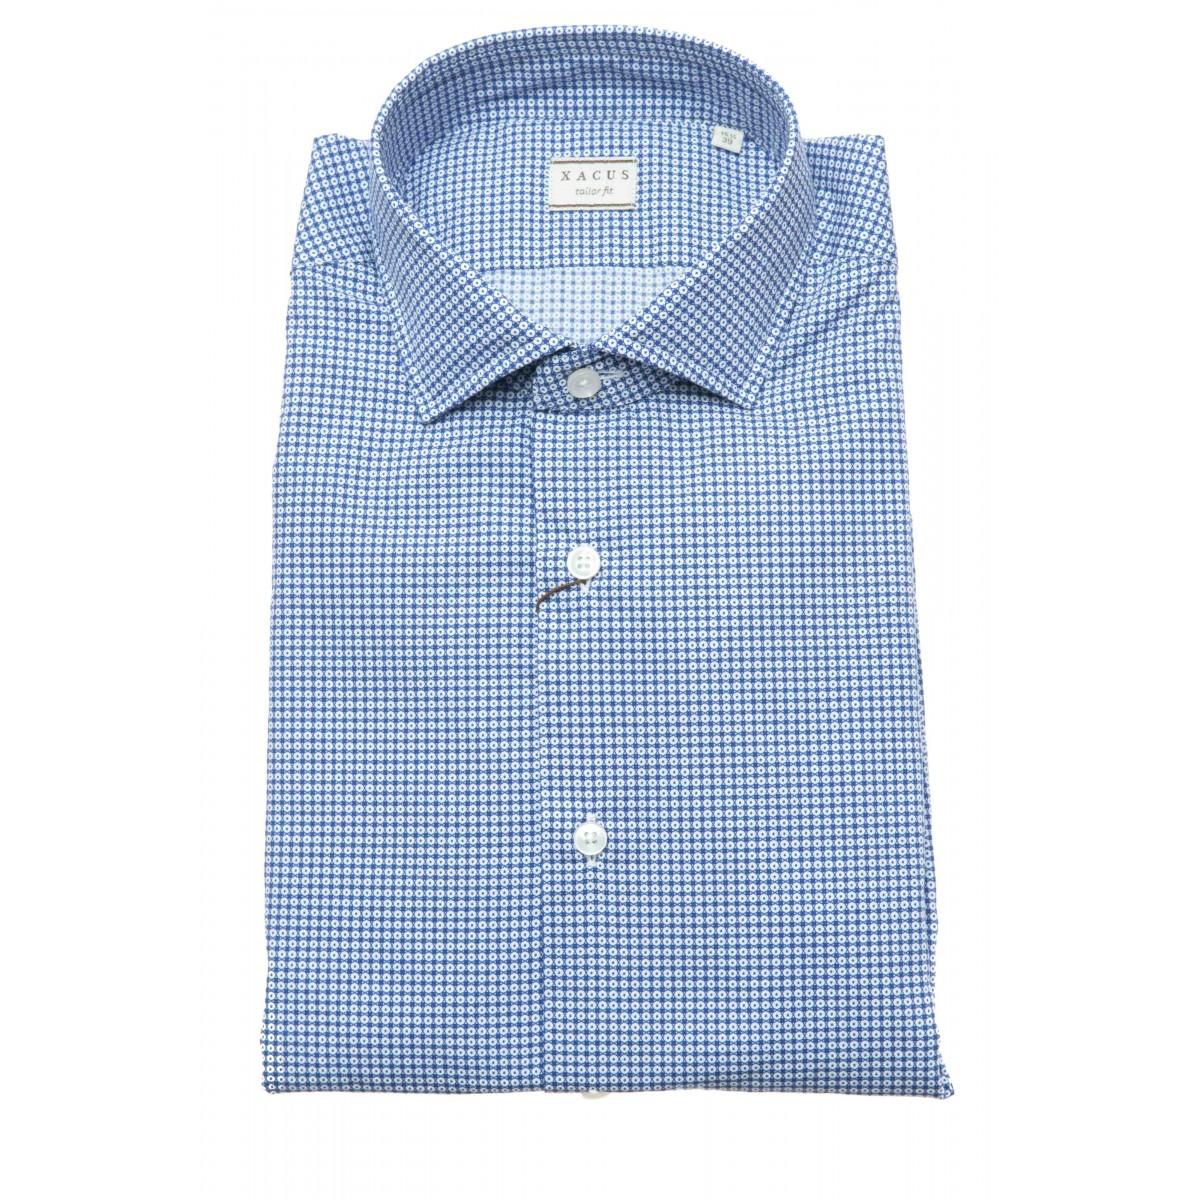 Camicia uomo - 748 41505 stampa su popeline